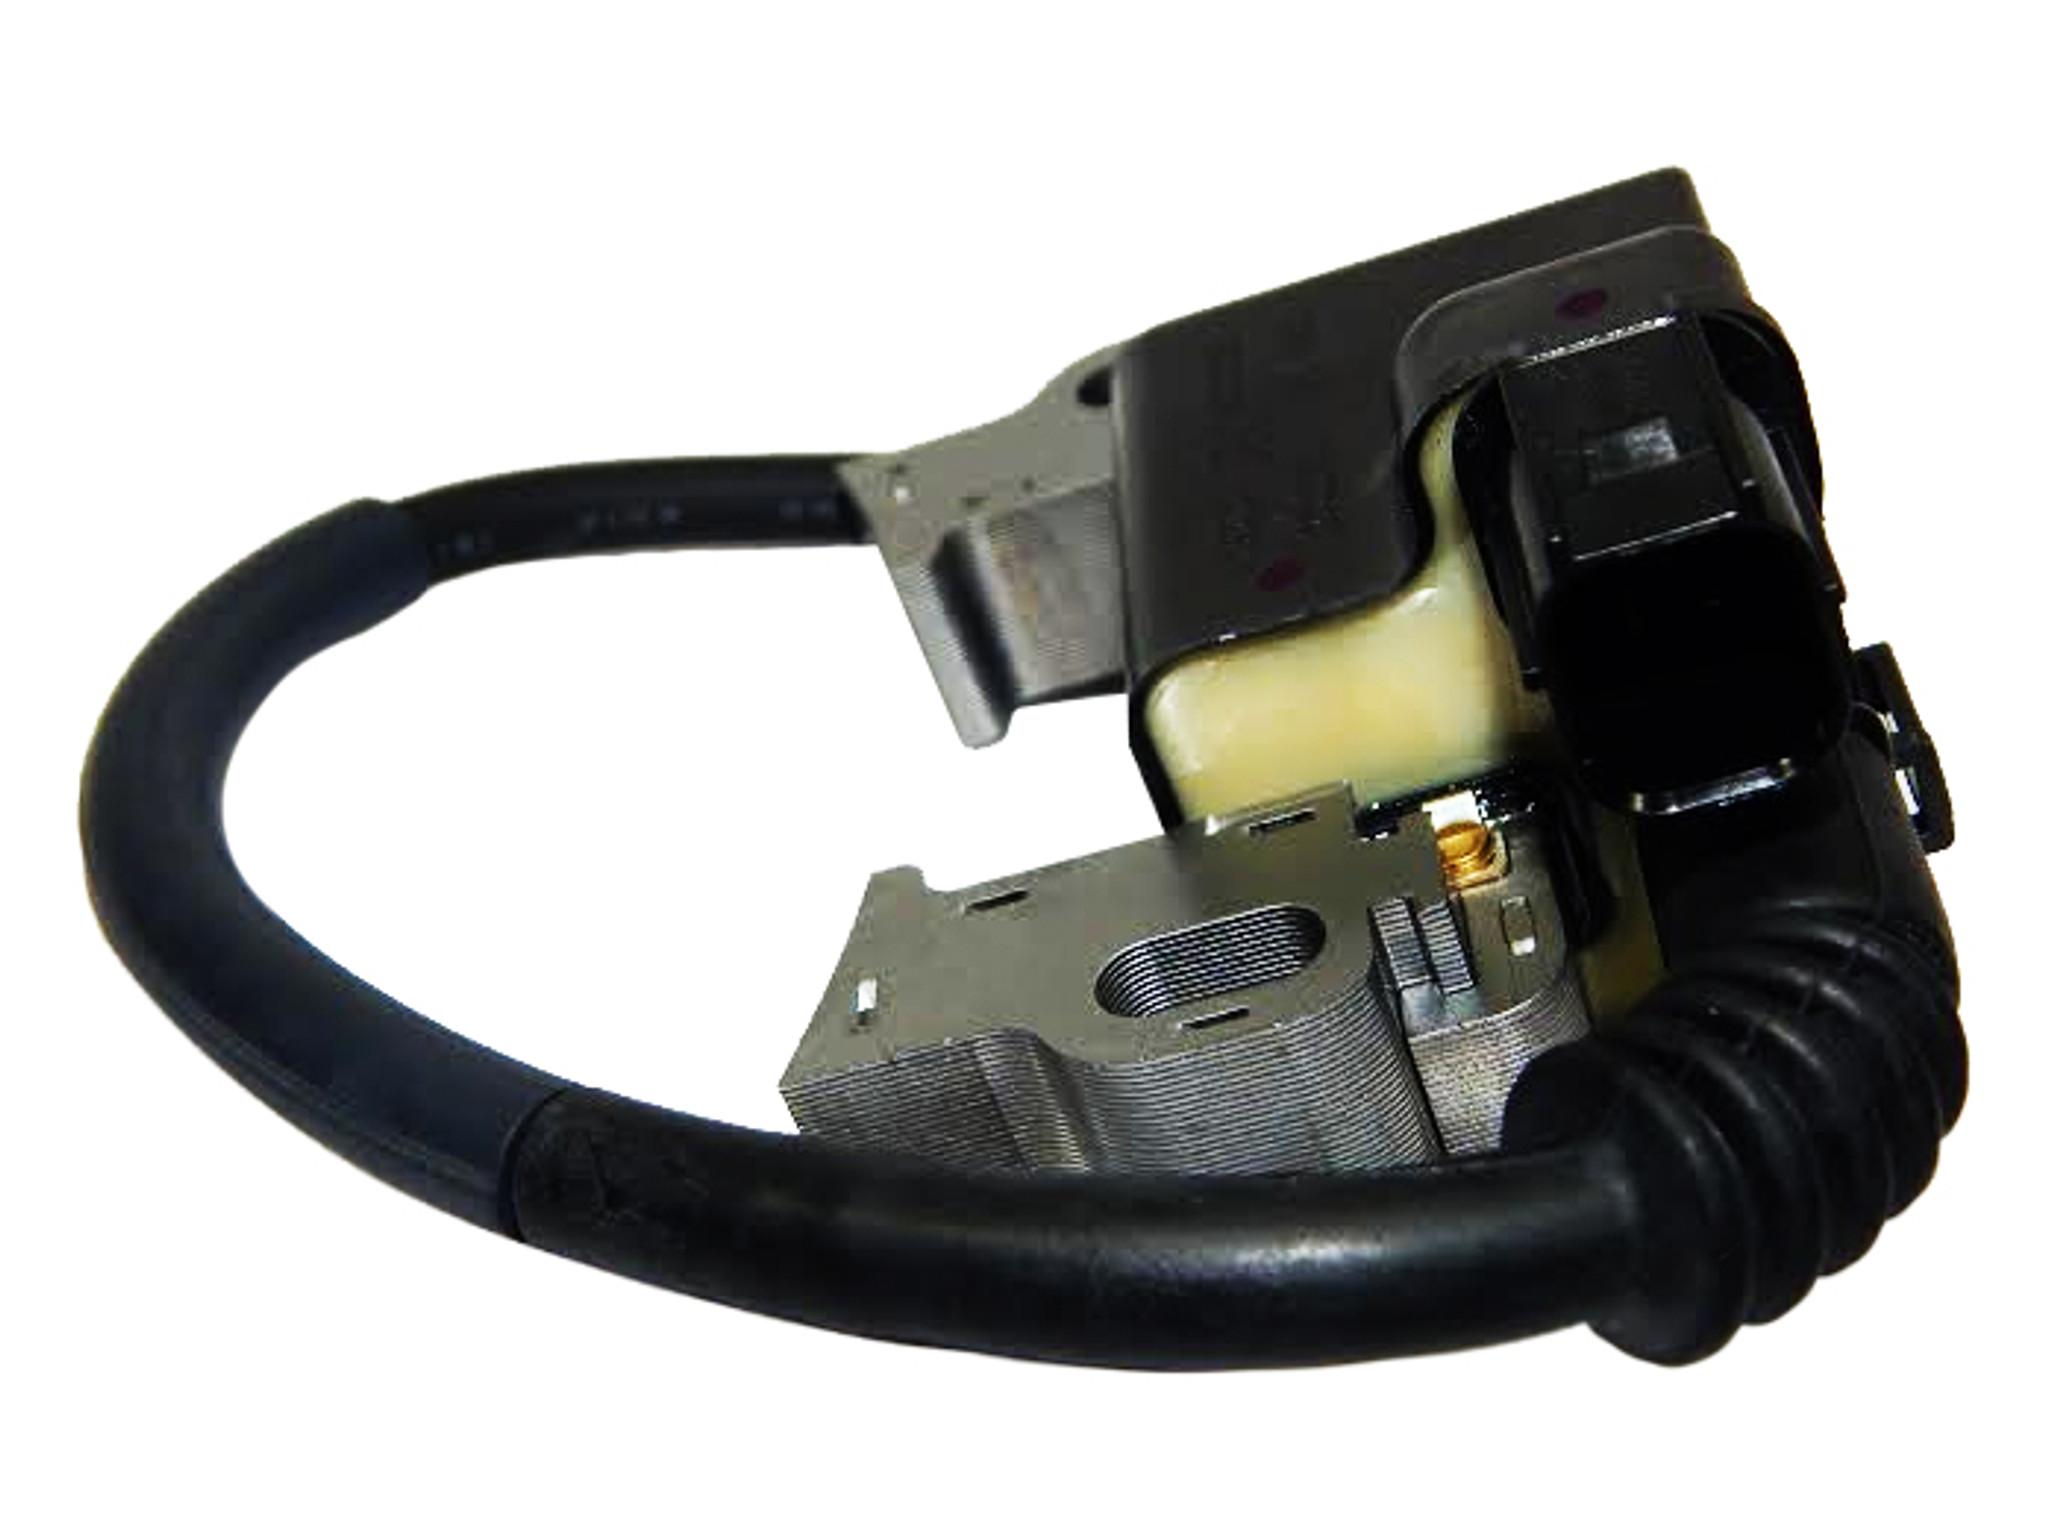 Ignition Coil Module | Honda GX340, GX390 | 30500-Z5T-003 | Gx390 Coil Wiring Diagram |  | DHS Equipment